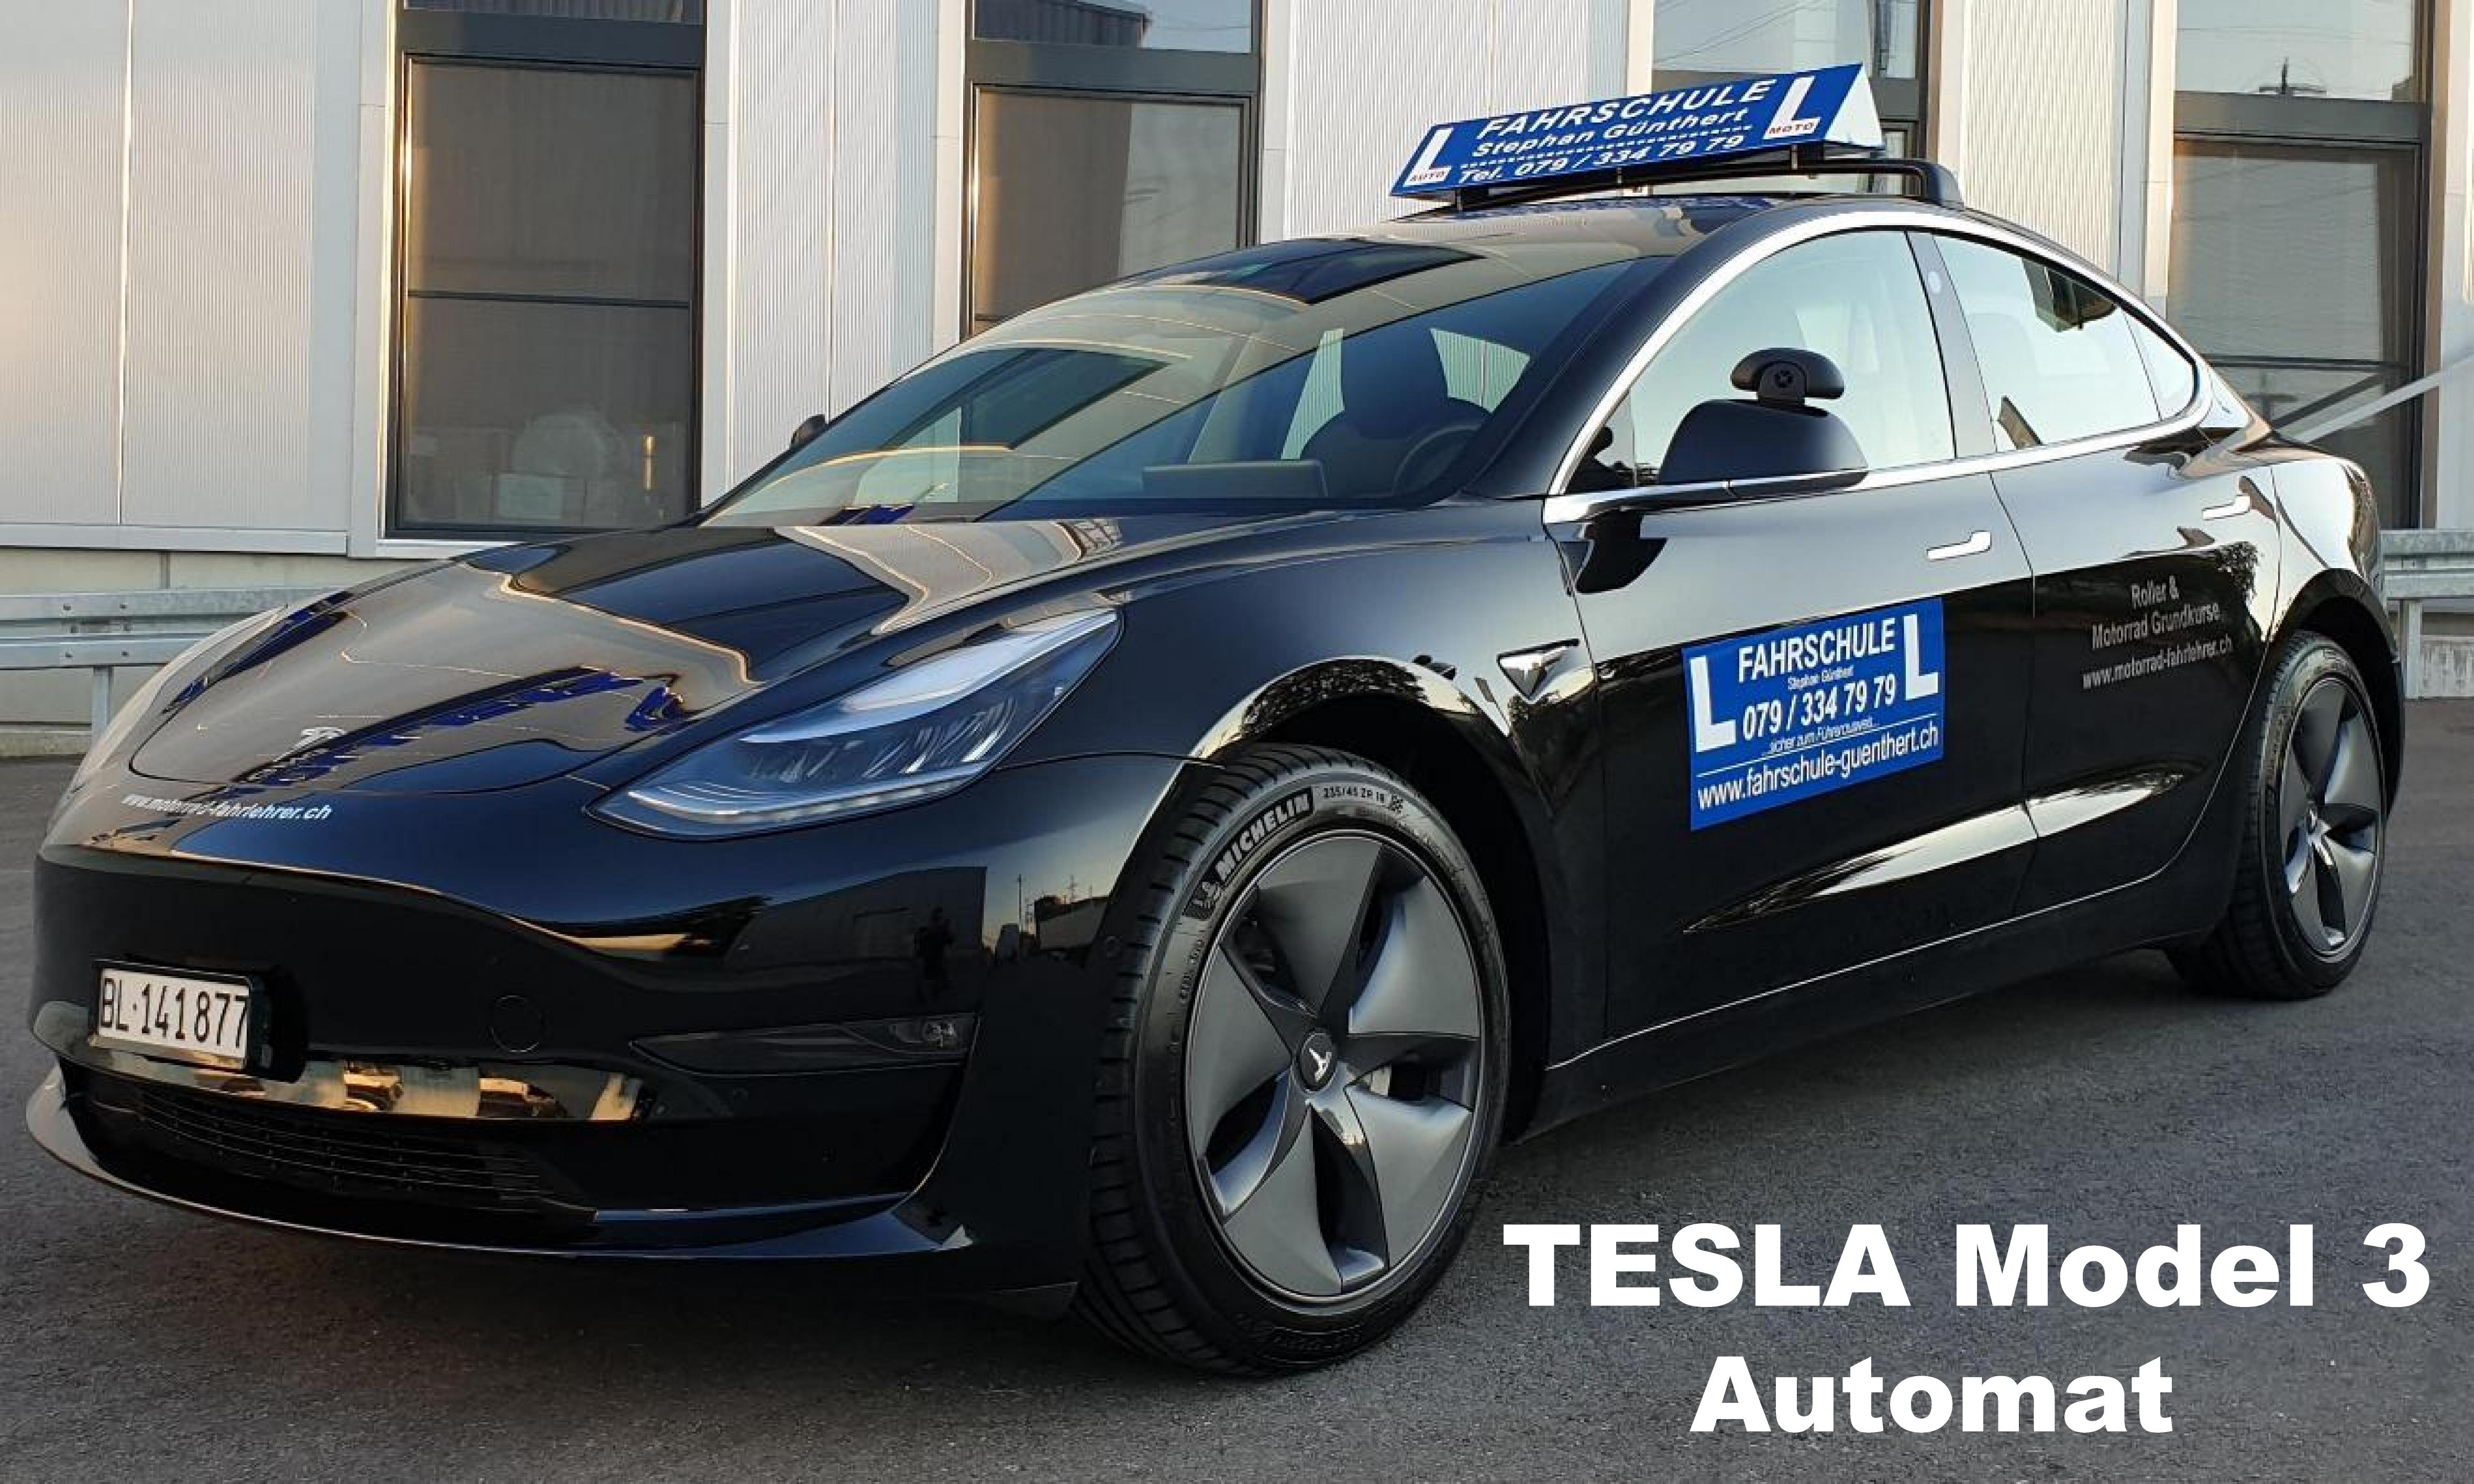 Tesla Fahrschulfahrzeug Automat